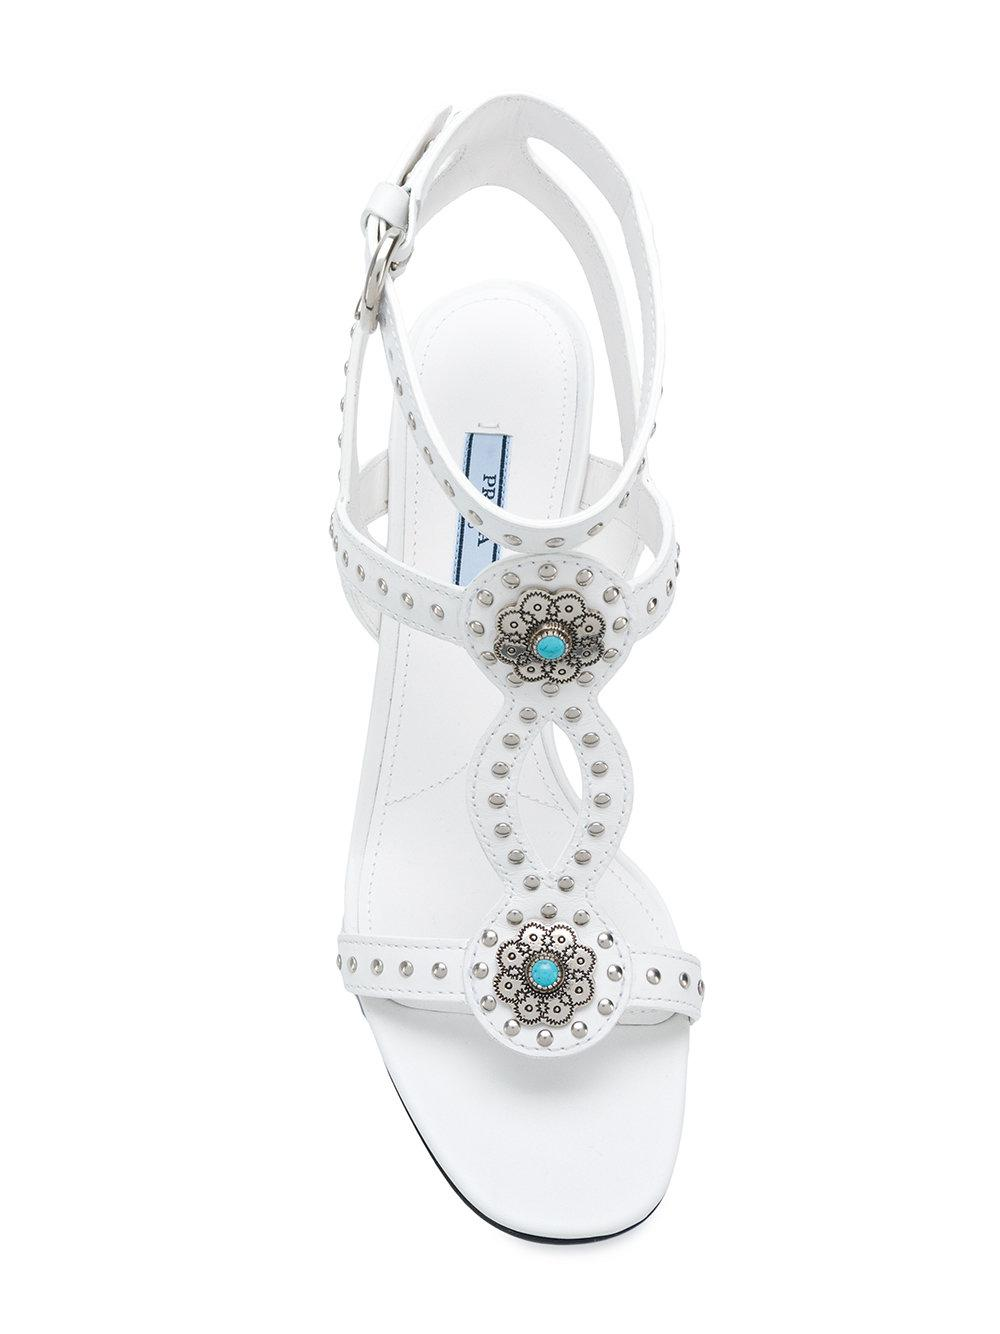 638c3a7064a Lyst - Sandales à détails de clous Prada en coloris Blanc